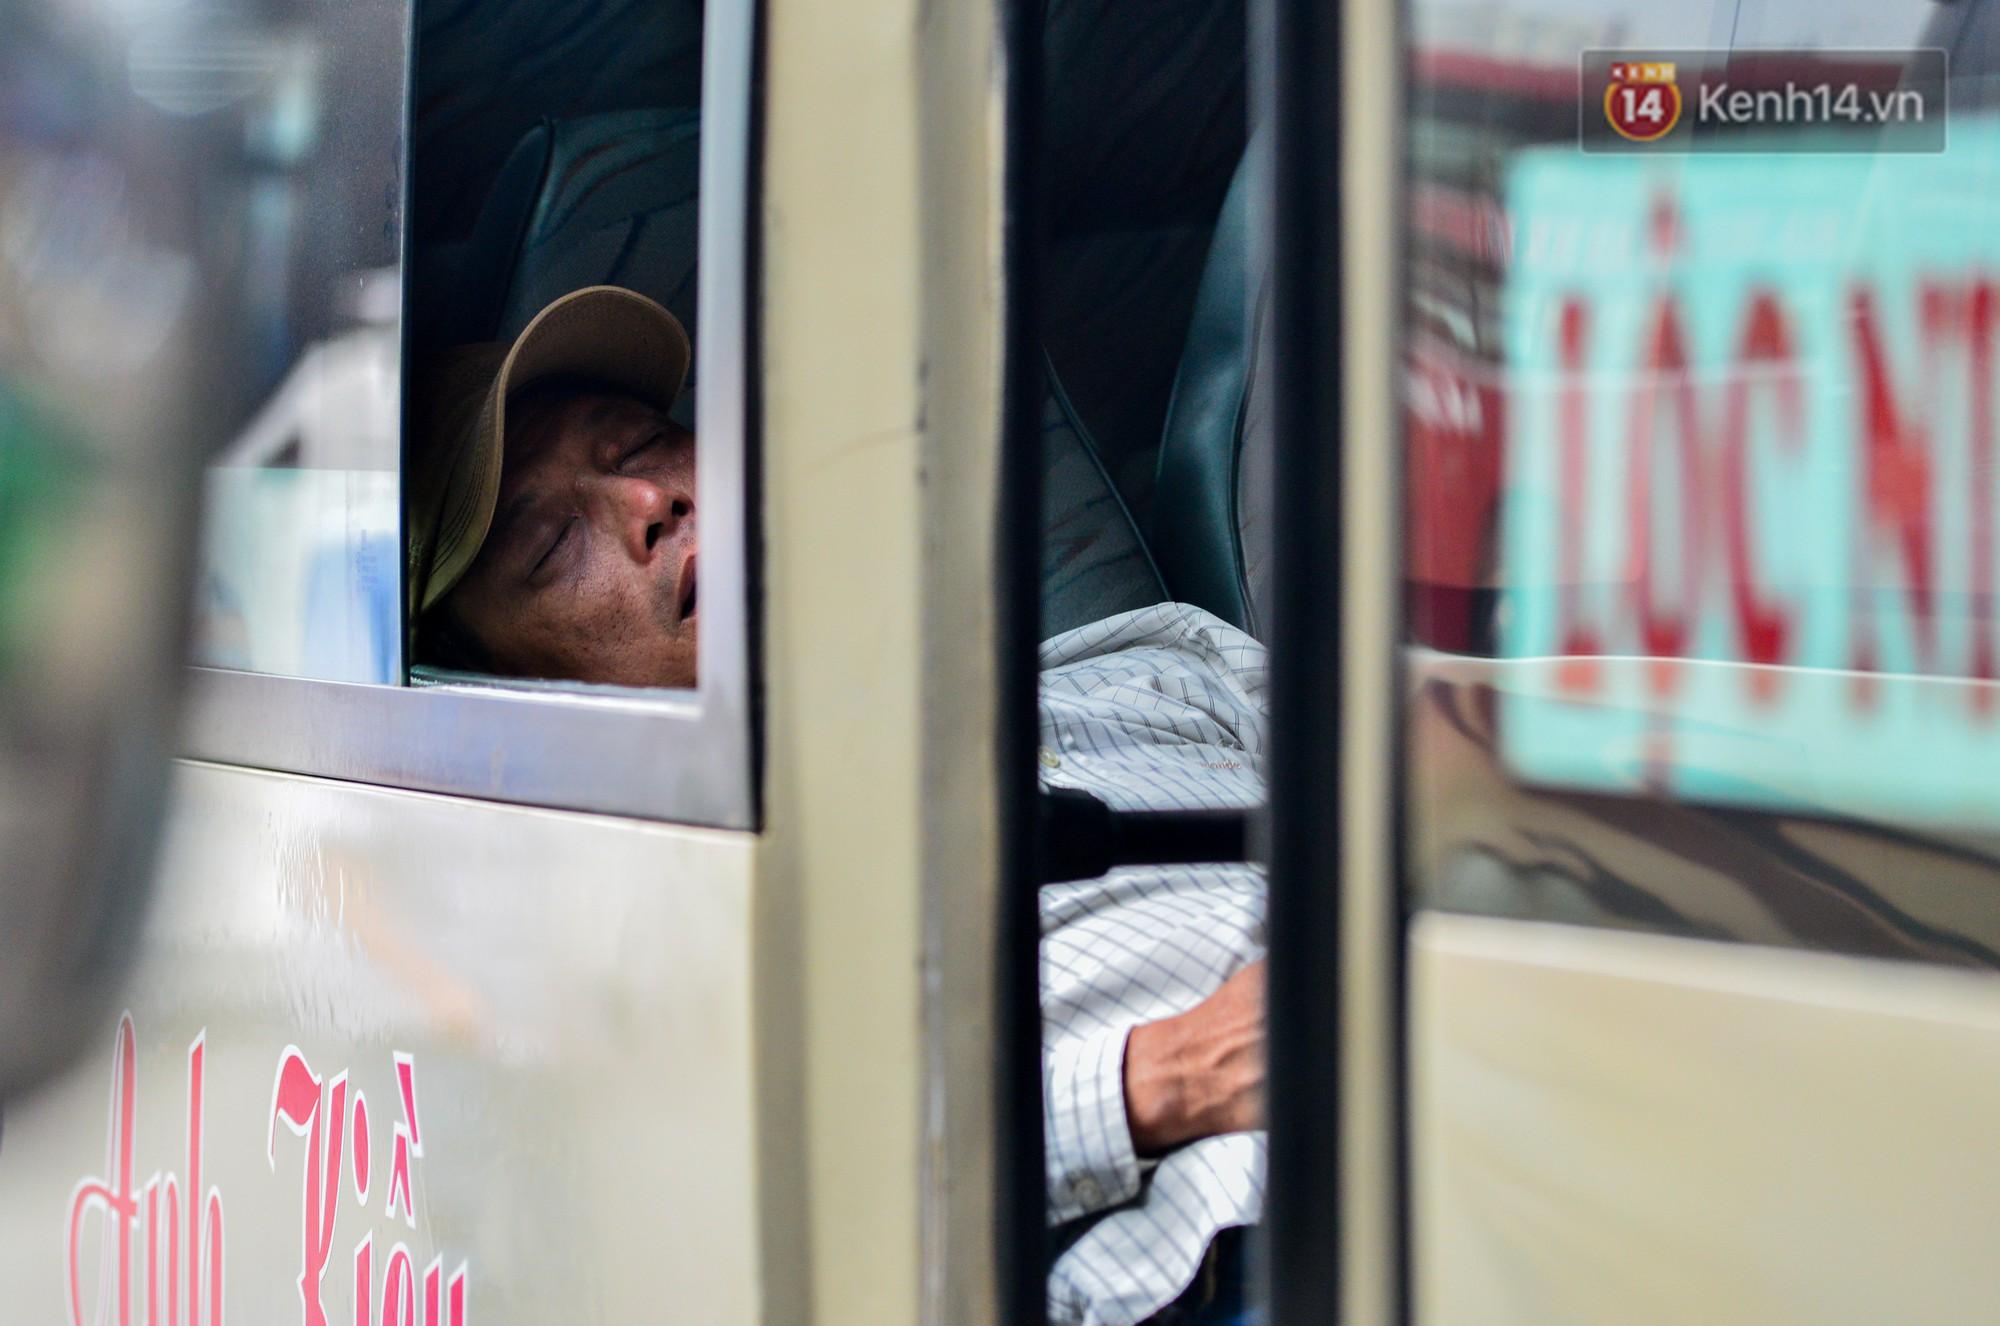 Chùm ảnh: Những giấc ngủ gà gật của người dân chờ xe về quê nghỉ Tết khiến nhiều người nhìn thôi cũng thấy mệt - Ảnh 3.